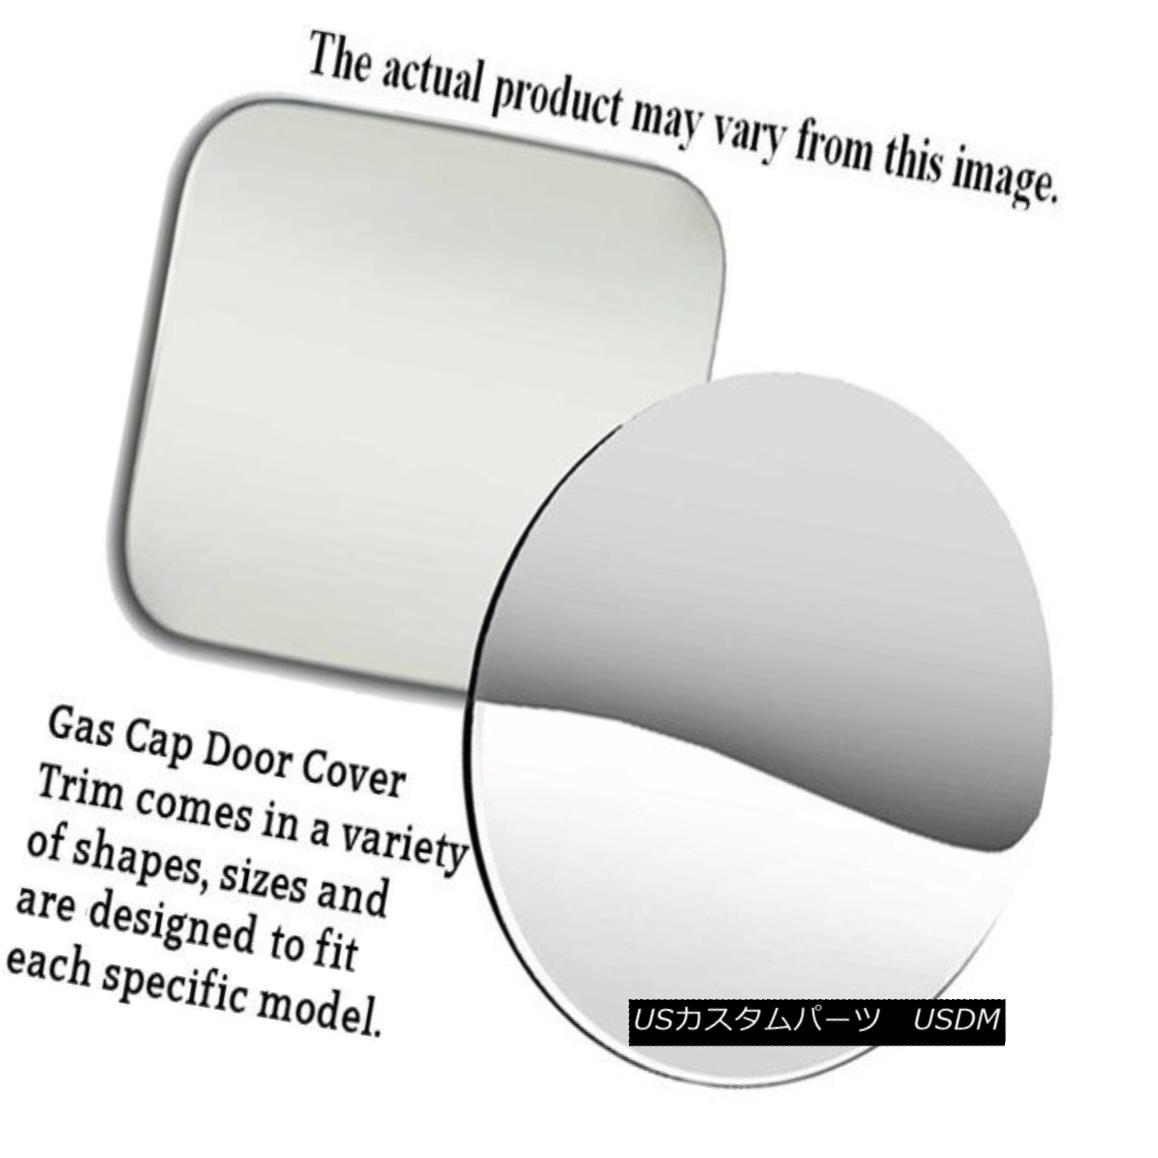 グリル Fits 2000-2004 NISSAN PATHFINDER 4-door, SUV -Stainless Steel GAS CAP DOOR 2000-2004 NISSAN PATHFINDERの4ドア、SUVに対応 - ステンレススチールガスCAP DOOR